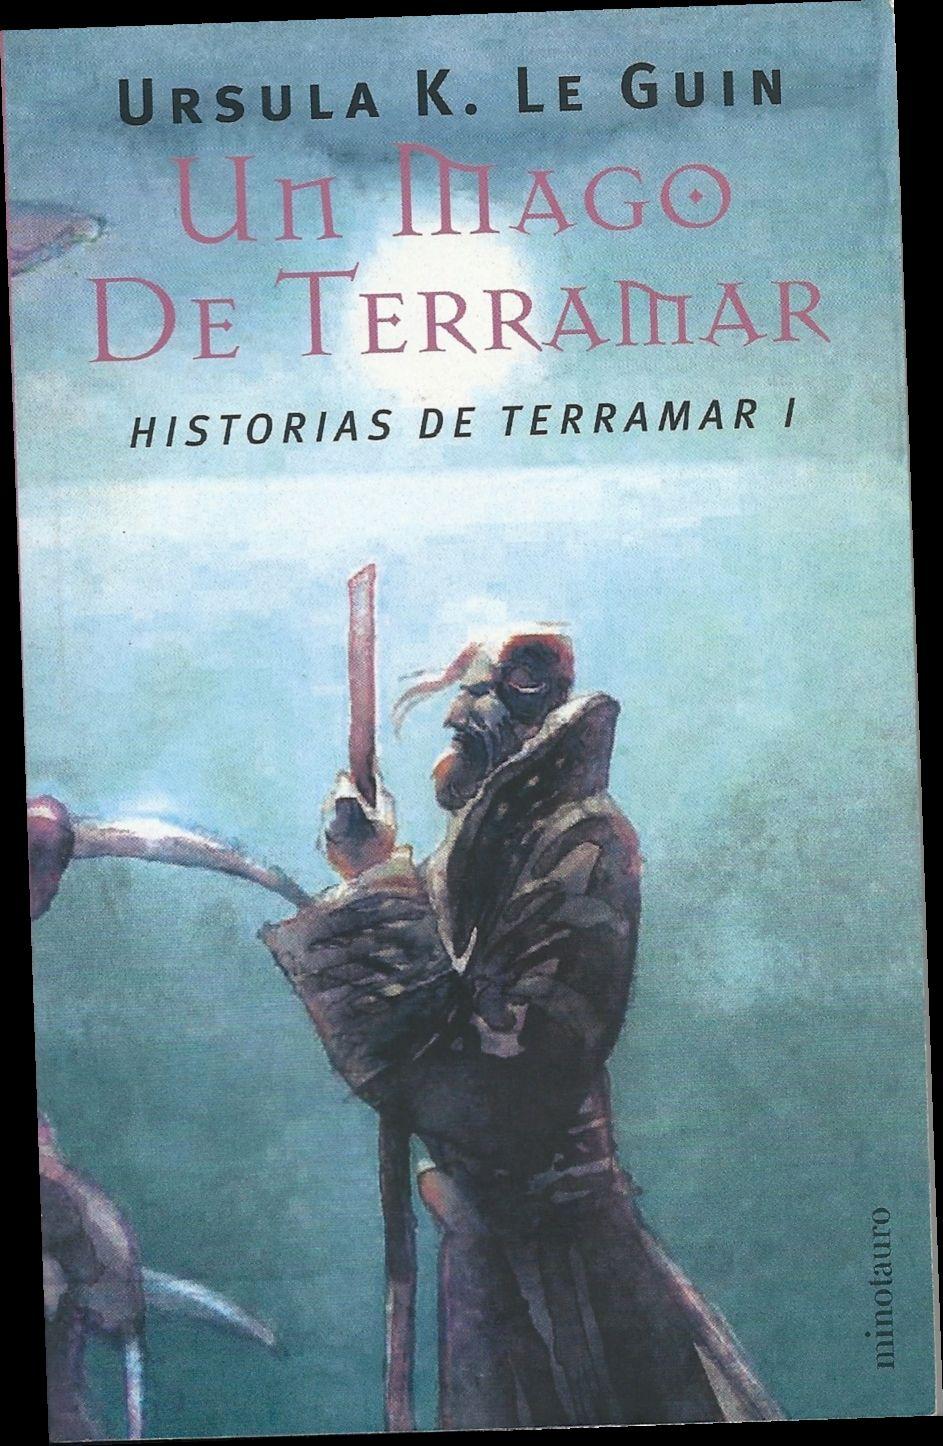 Ebook Pdf Epub Download Un Mago De Terramar By Ursula K Le Guin In 2020 Ebook Ursula Ebook Pdf